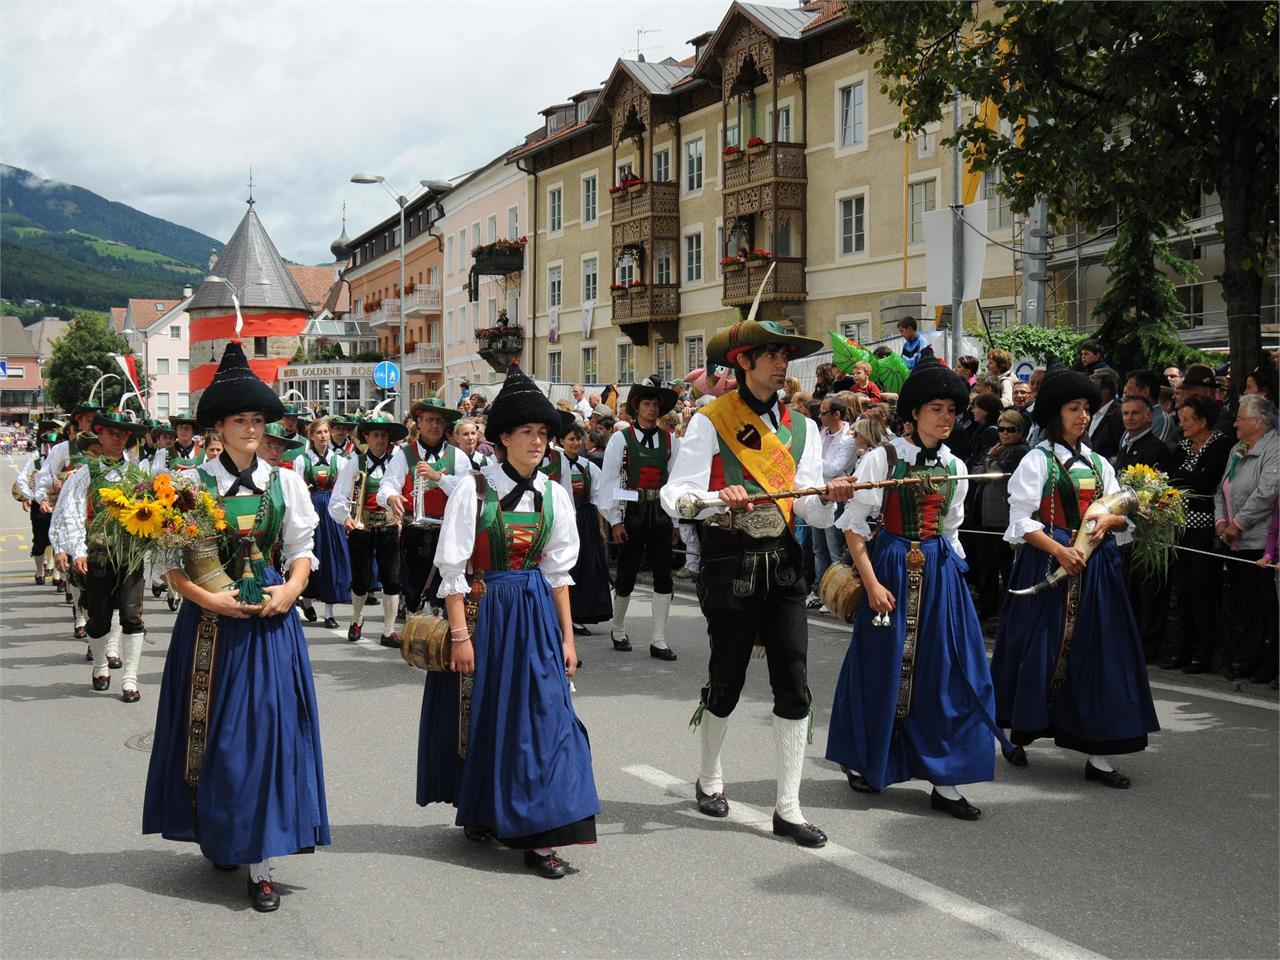 Bruneck Stadt i m Pustertal in Südtirol